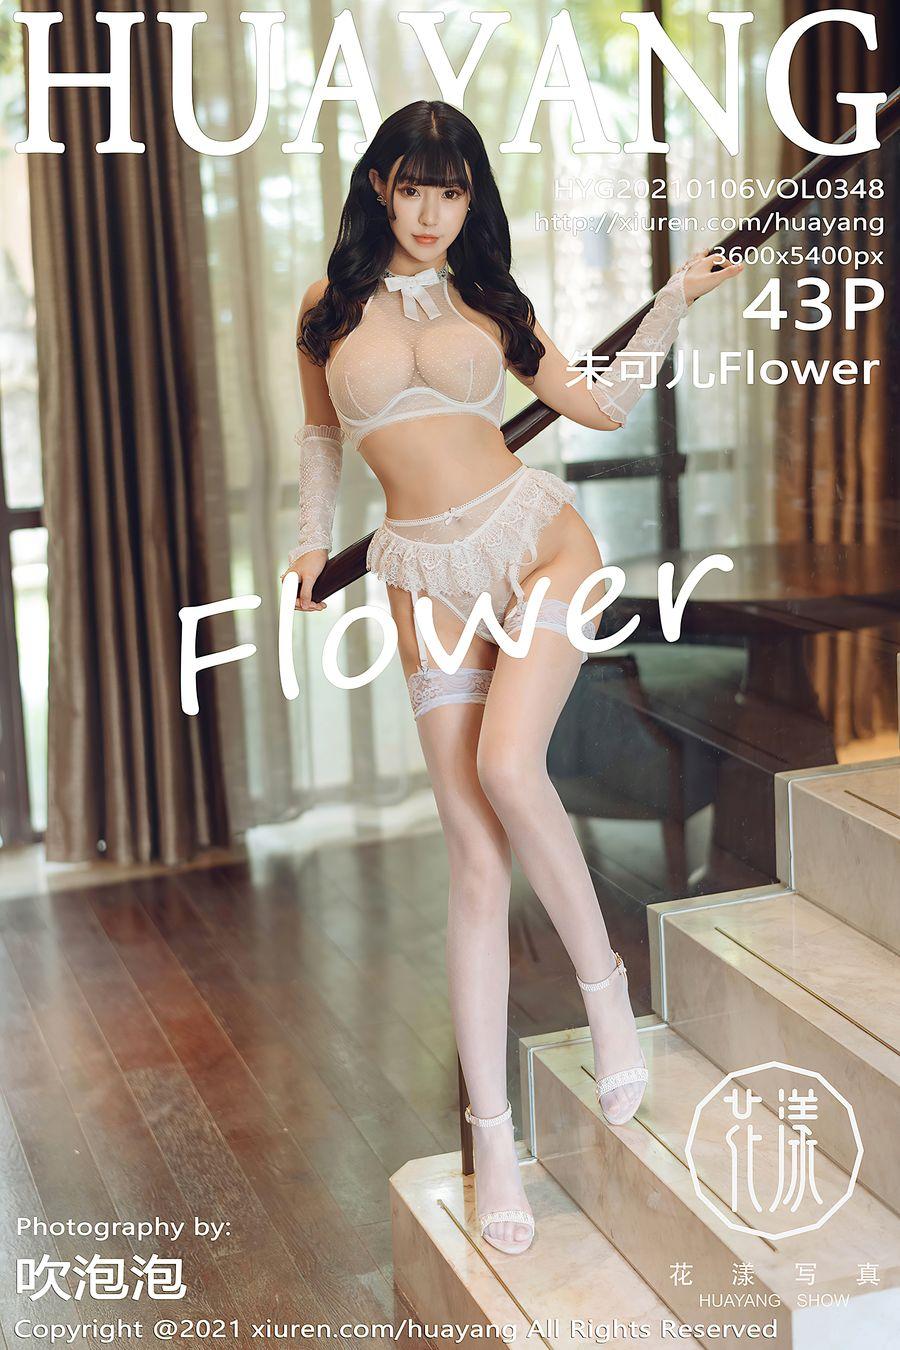 [HuaYang花漾] VOL.348 朱可儿Flower [43+1P/449M]